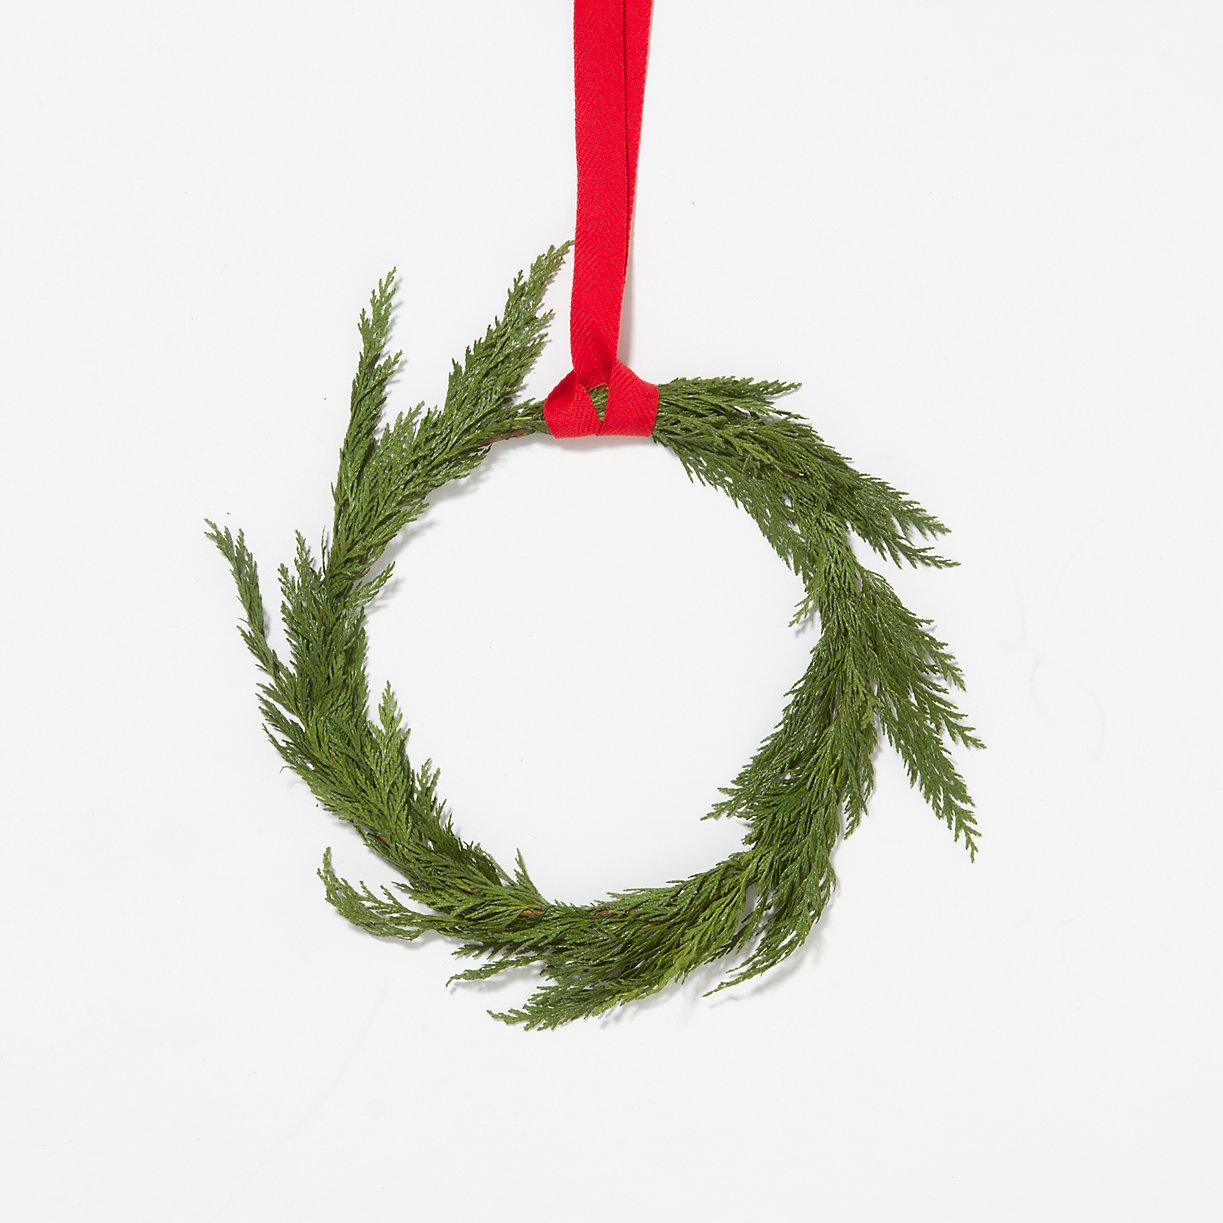 Affordable fresh cedar wreath from Terrain